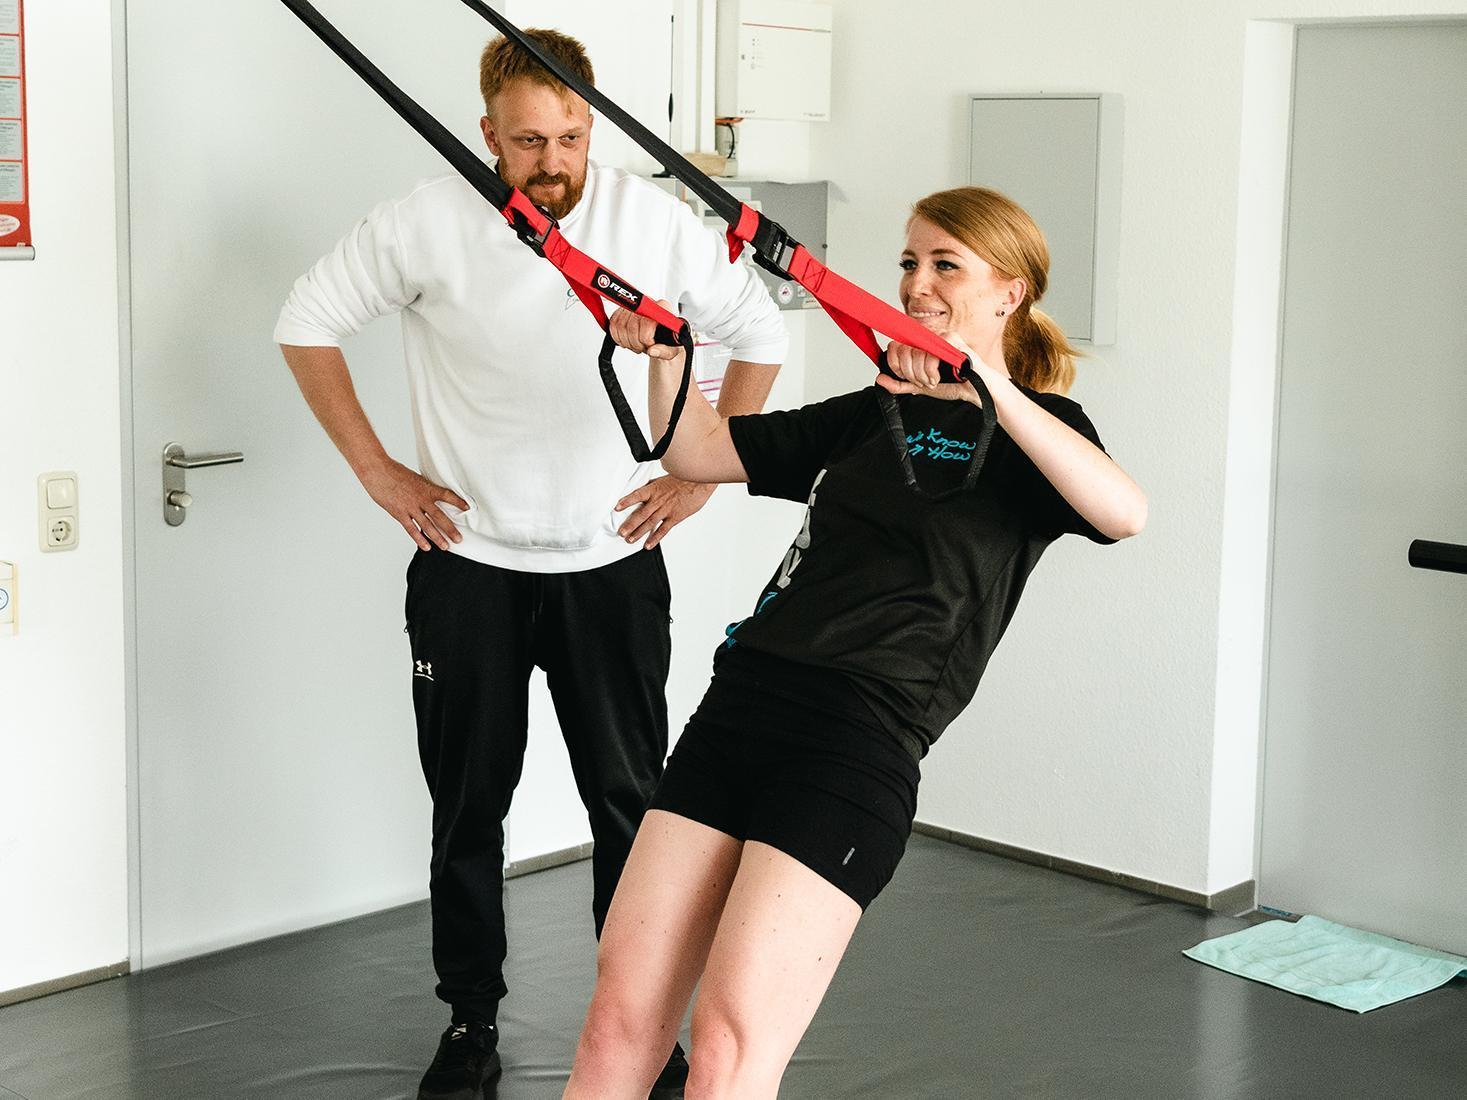 Eine Frau trainiert mit Zugbändern, ein Mann steht daneben und überwacht.